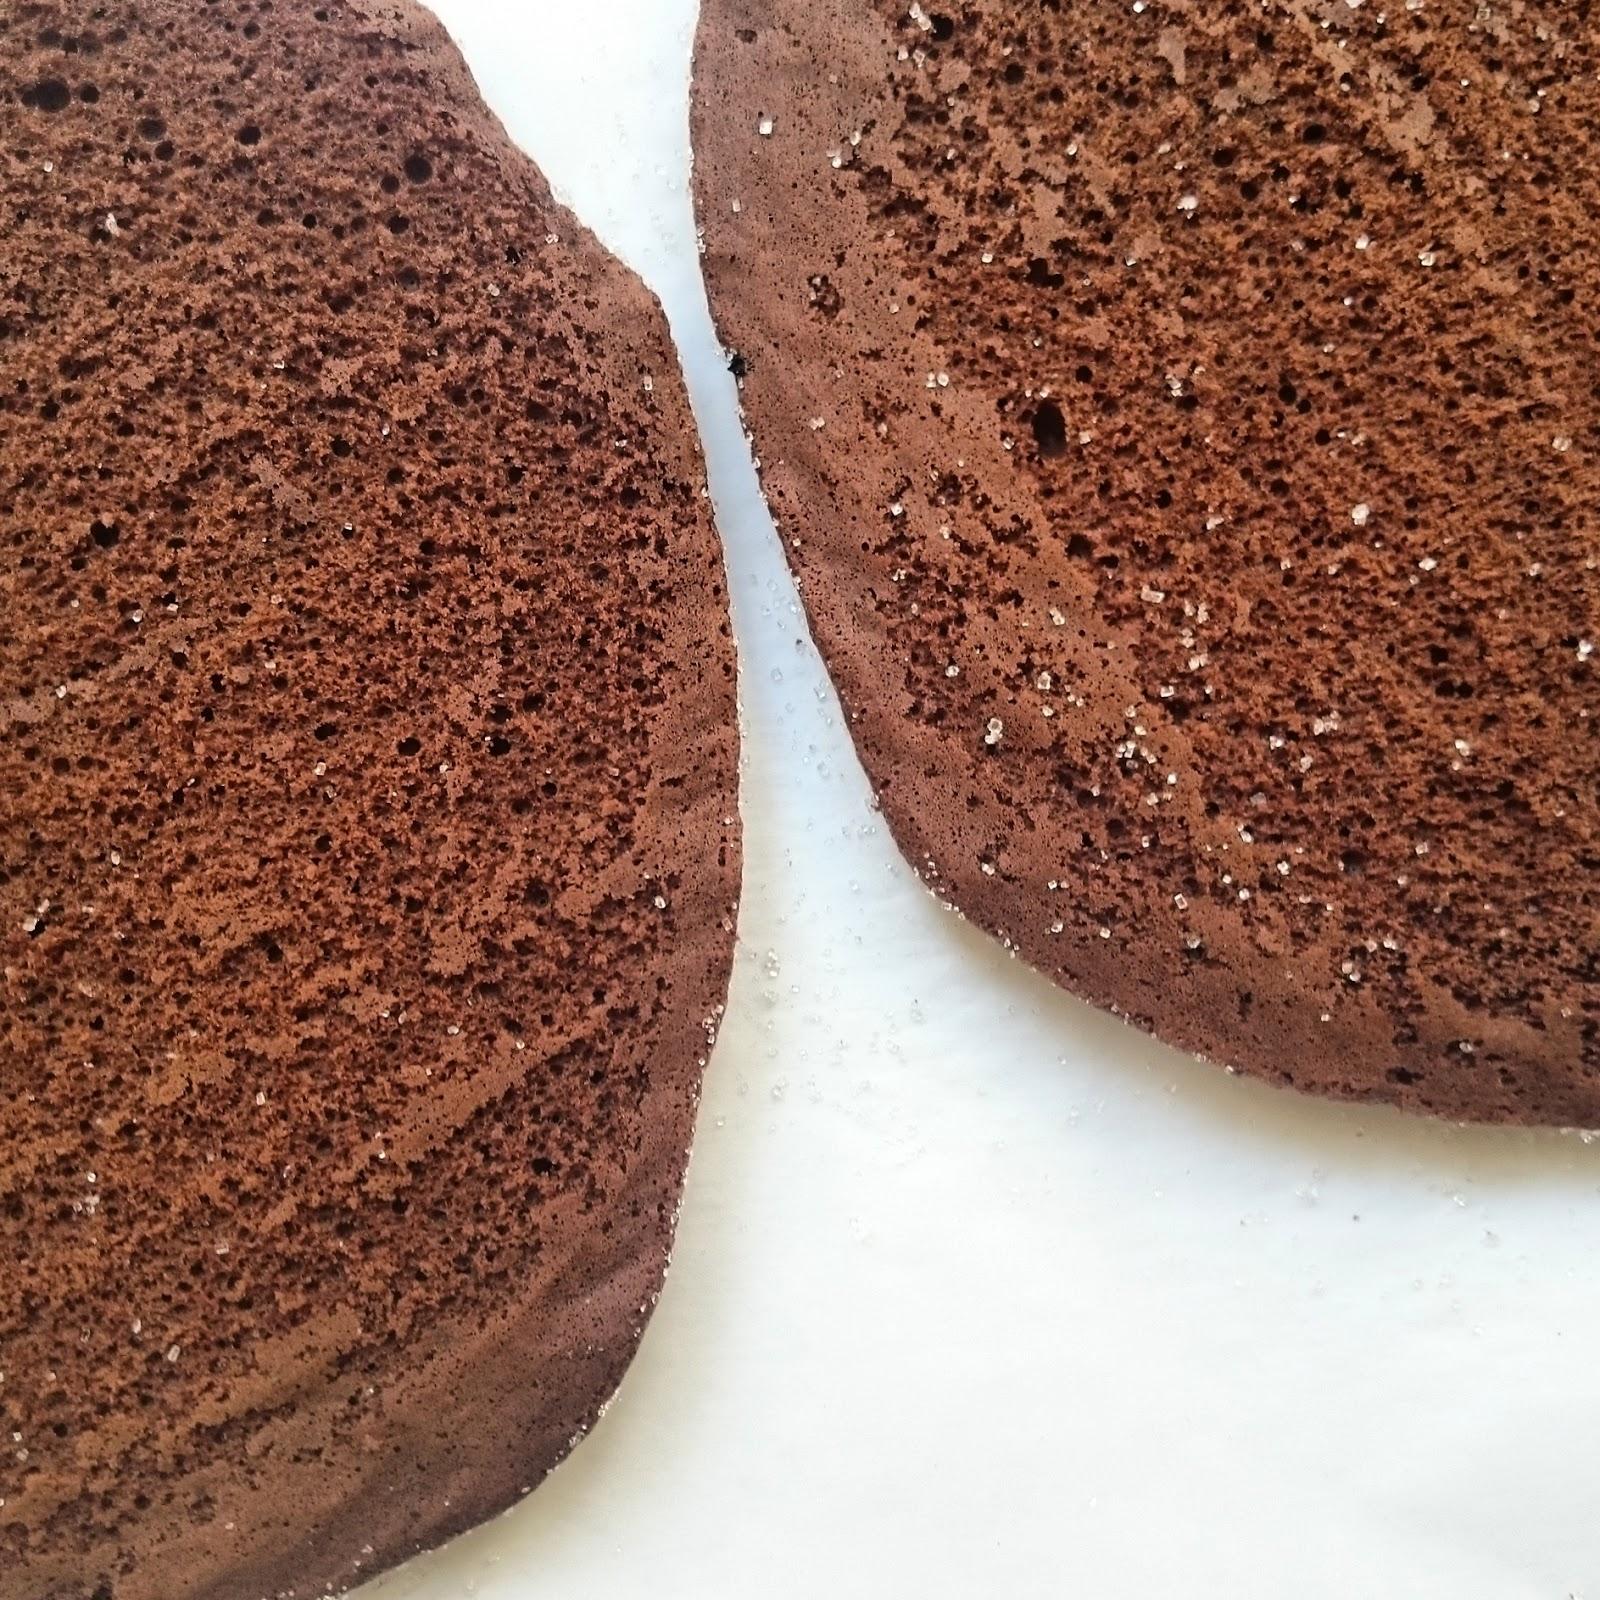 Chocolate Sponges